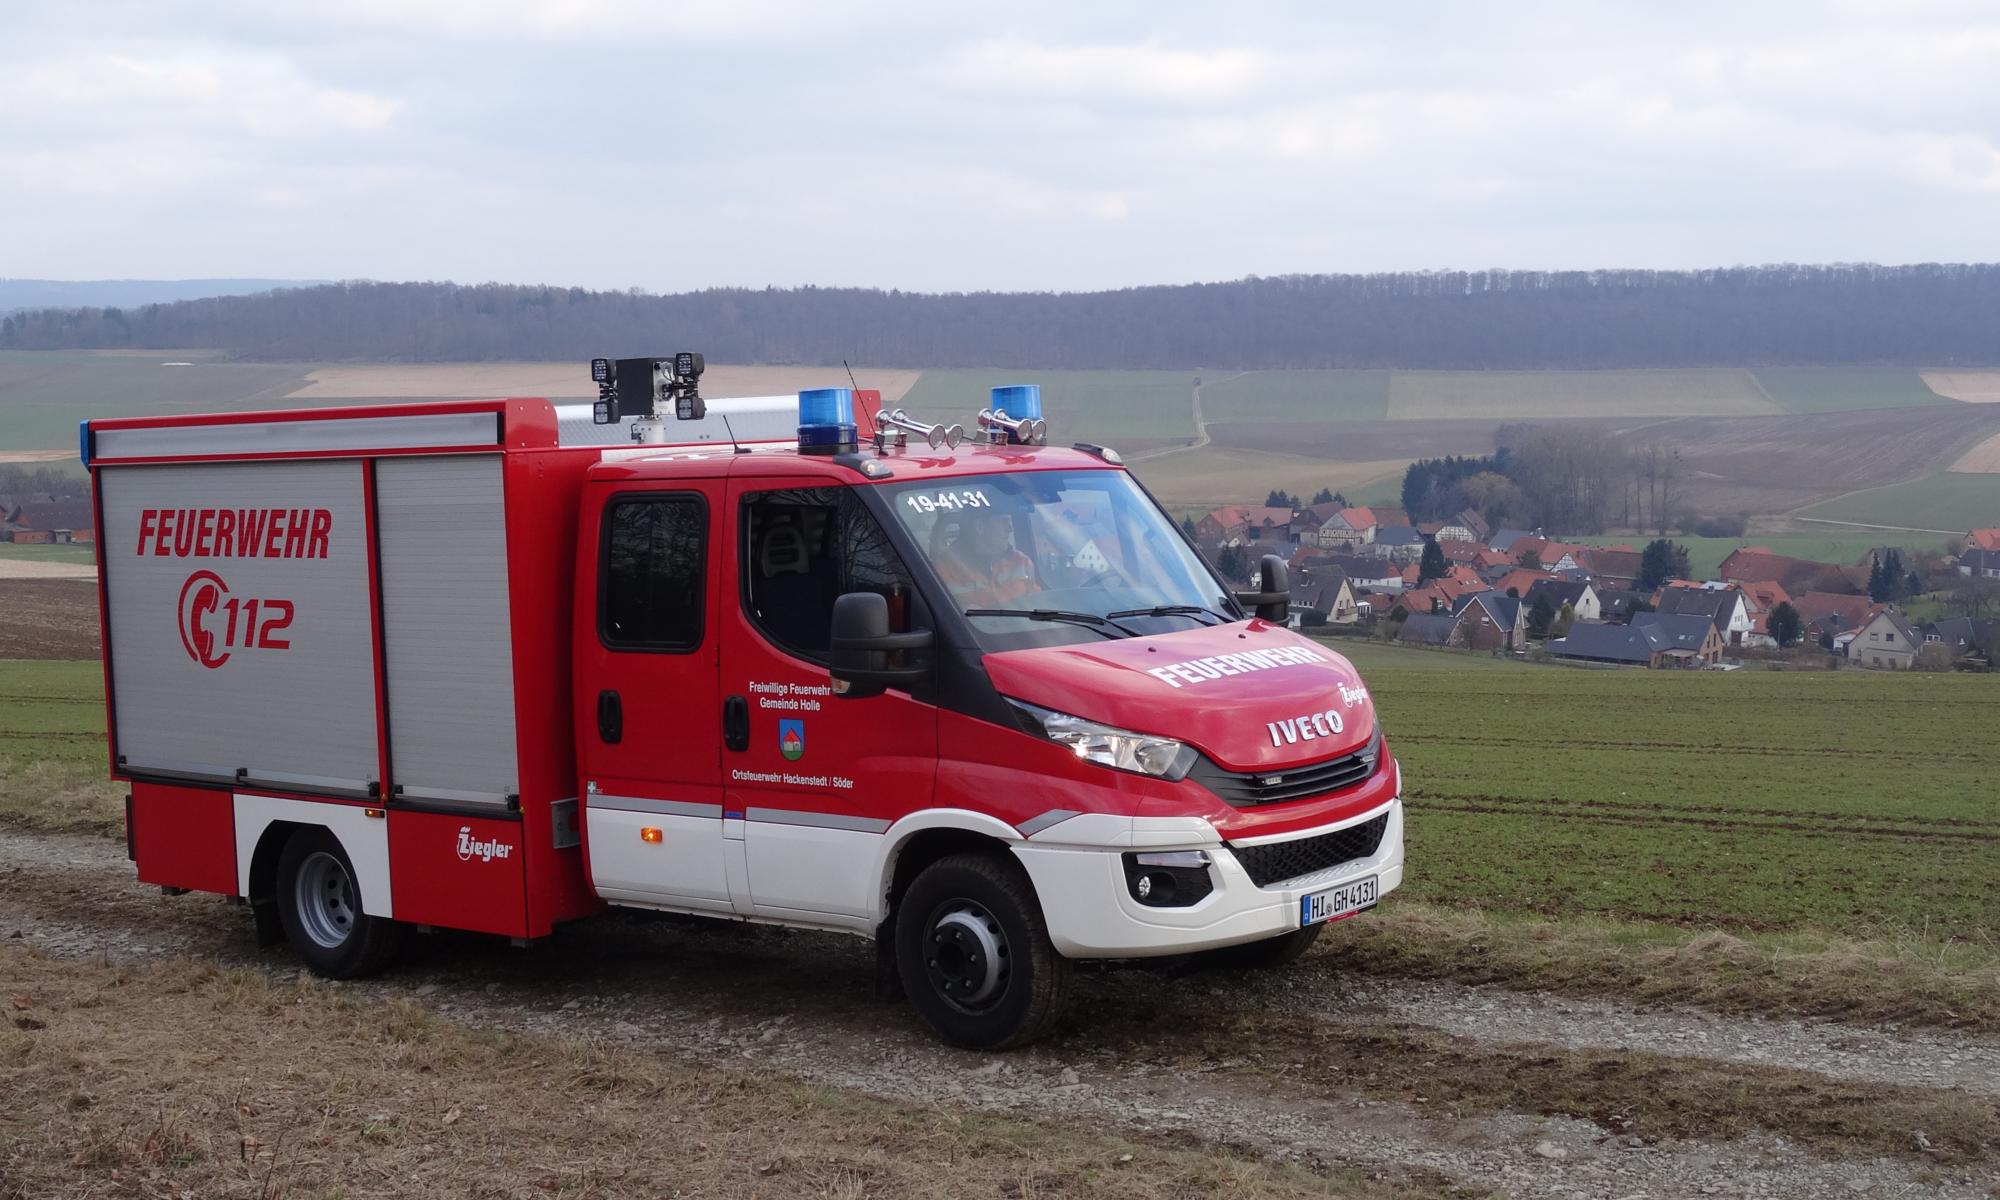 Freiwillige Feuerwehr Hackenstedt/Söder